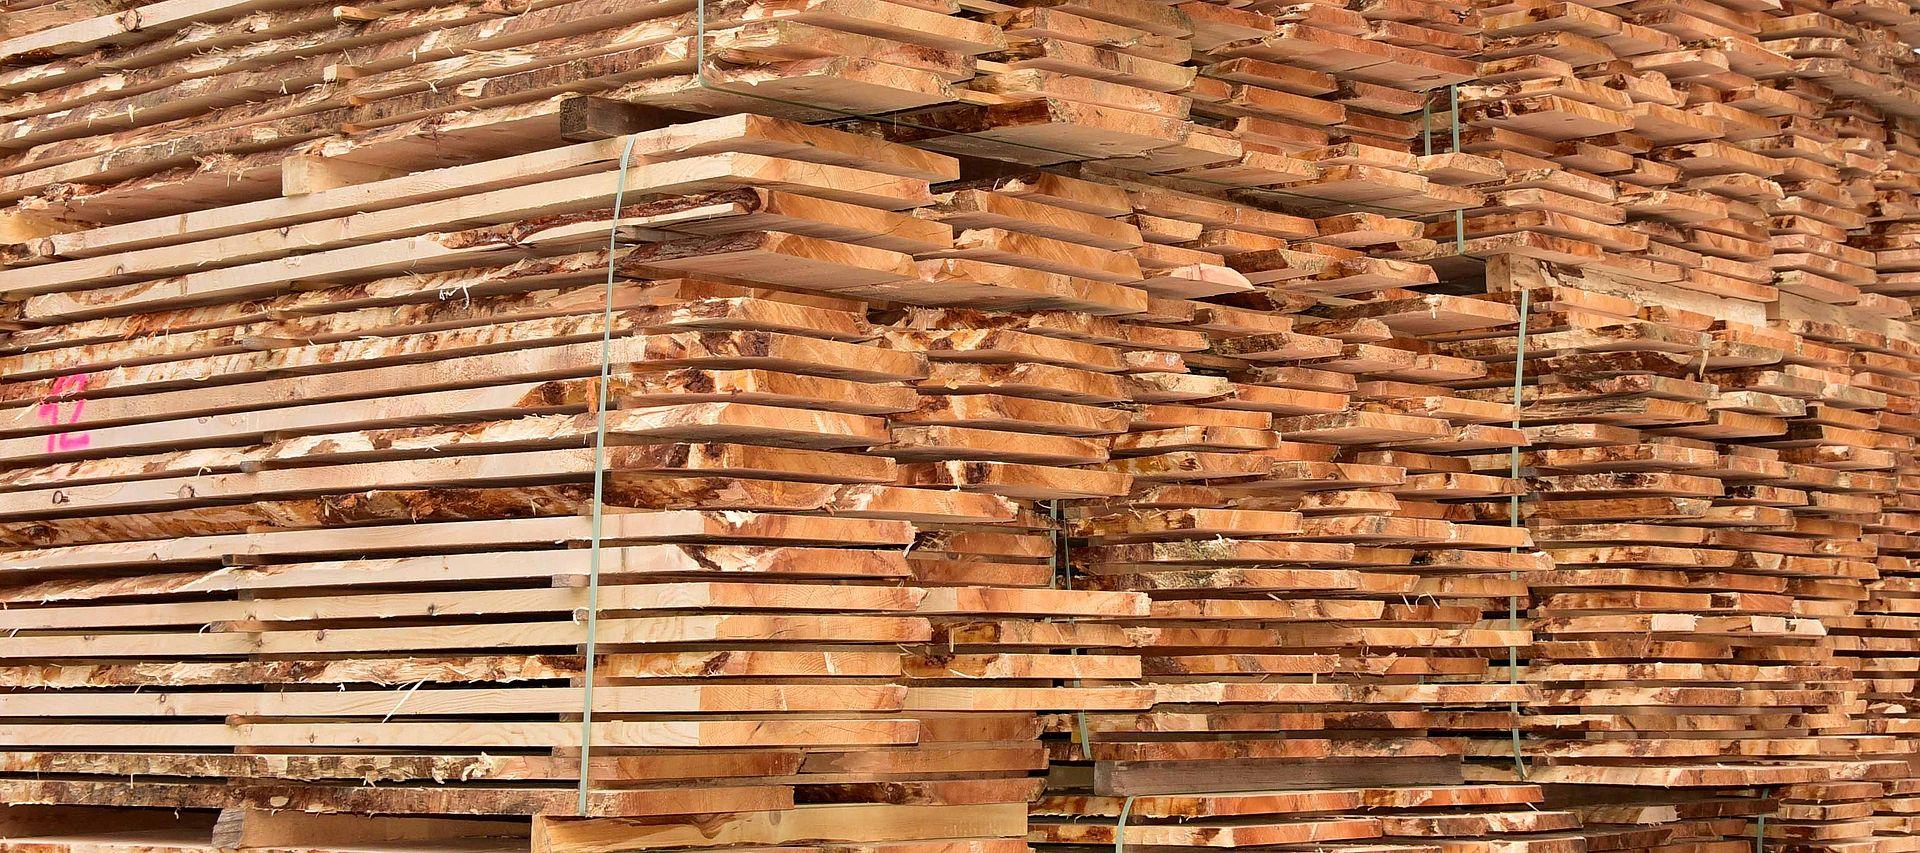 Zirbenholzarve Gesundes Holz Für Den Möbelbau